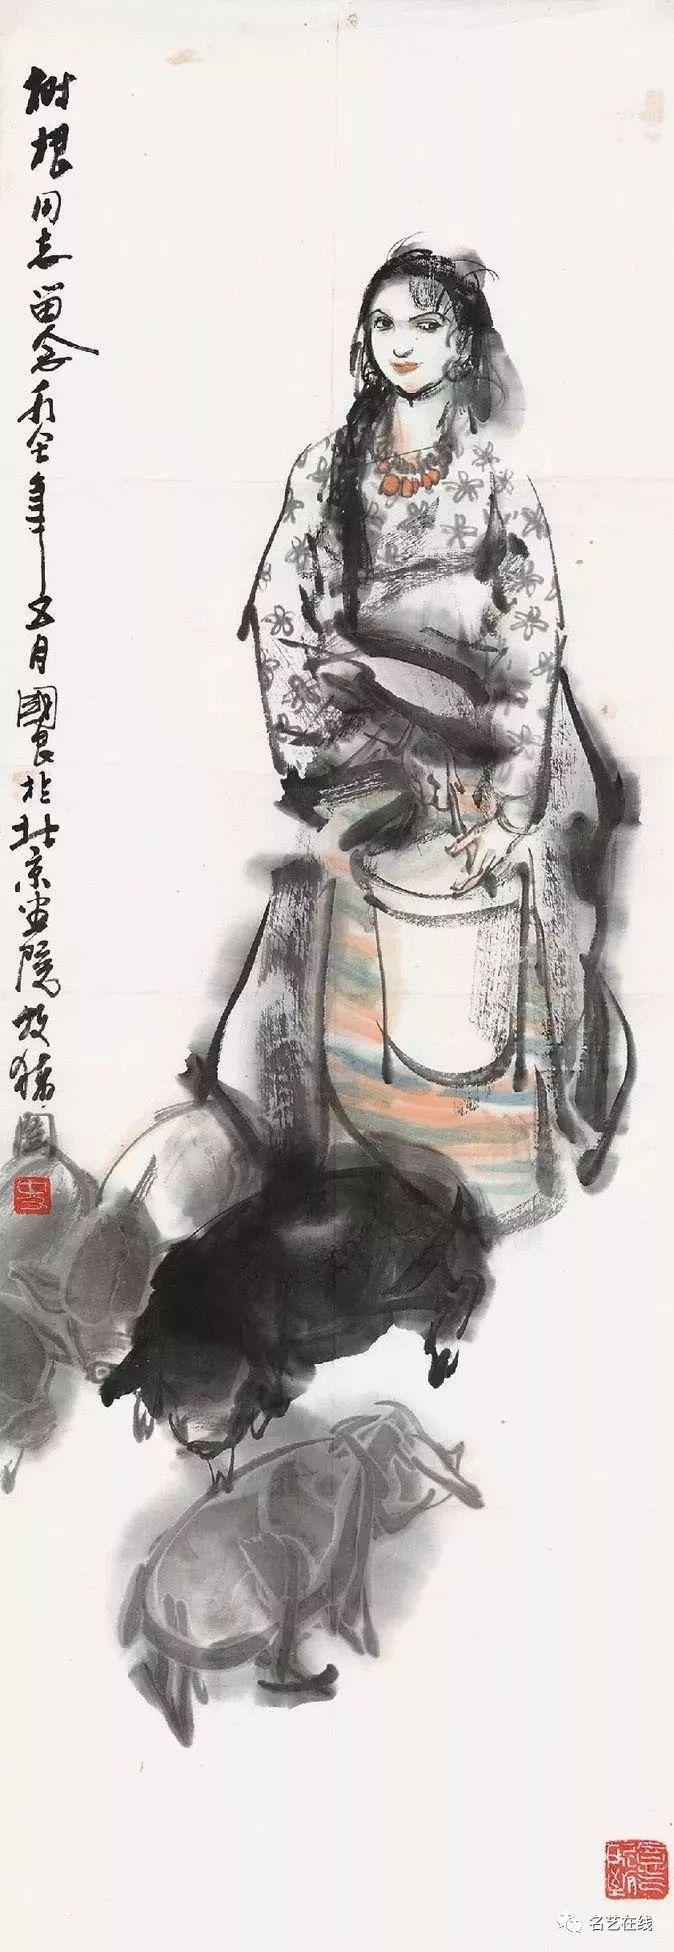 画猪 2 邢振龄画猪 这是今年86岁的民俗画家邢振龄笔下的一组小憨猪图片